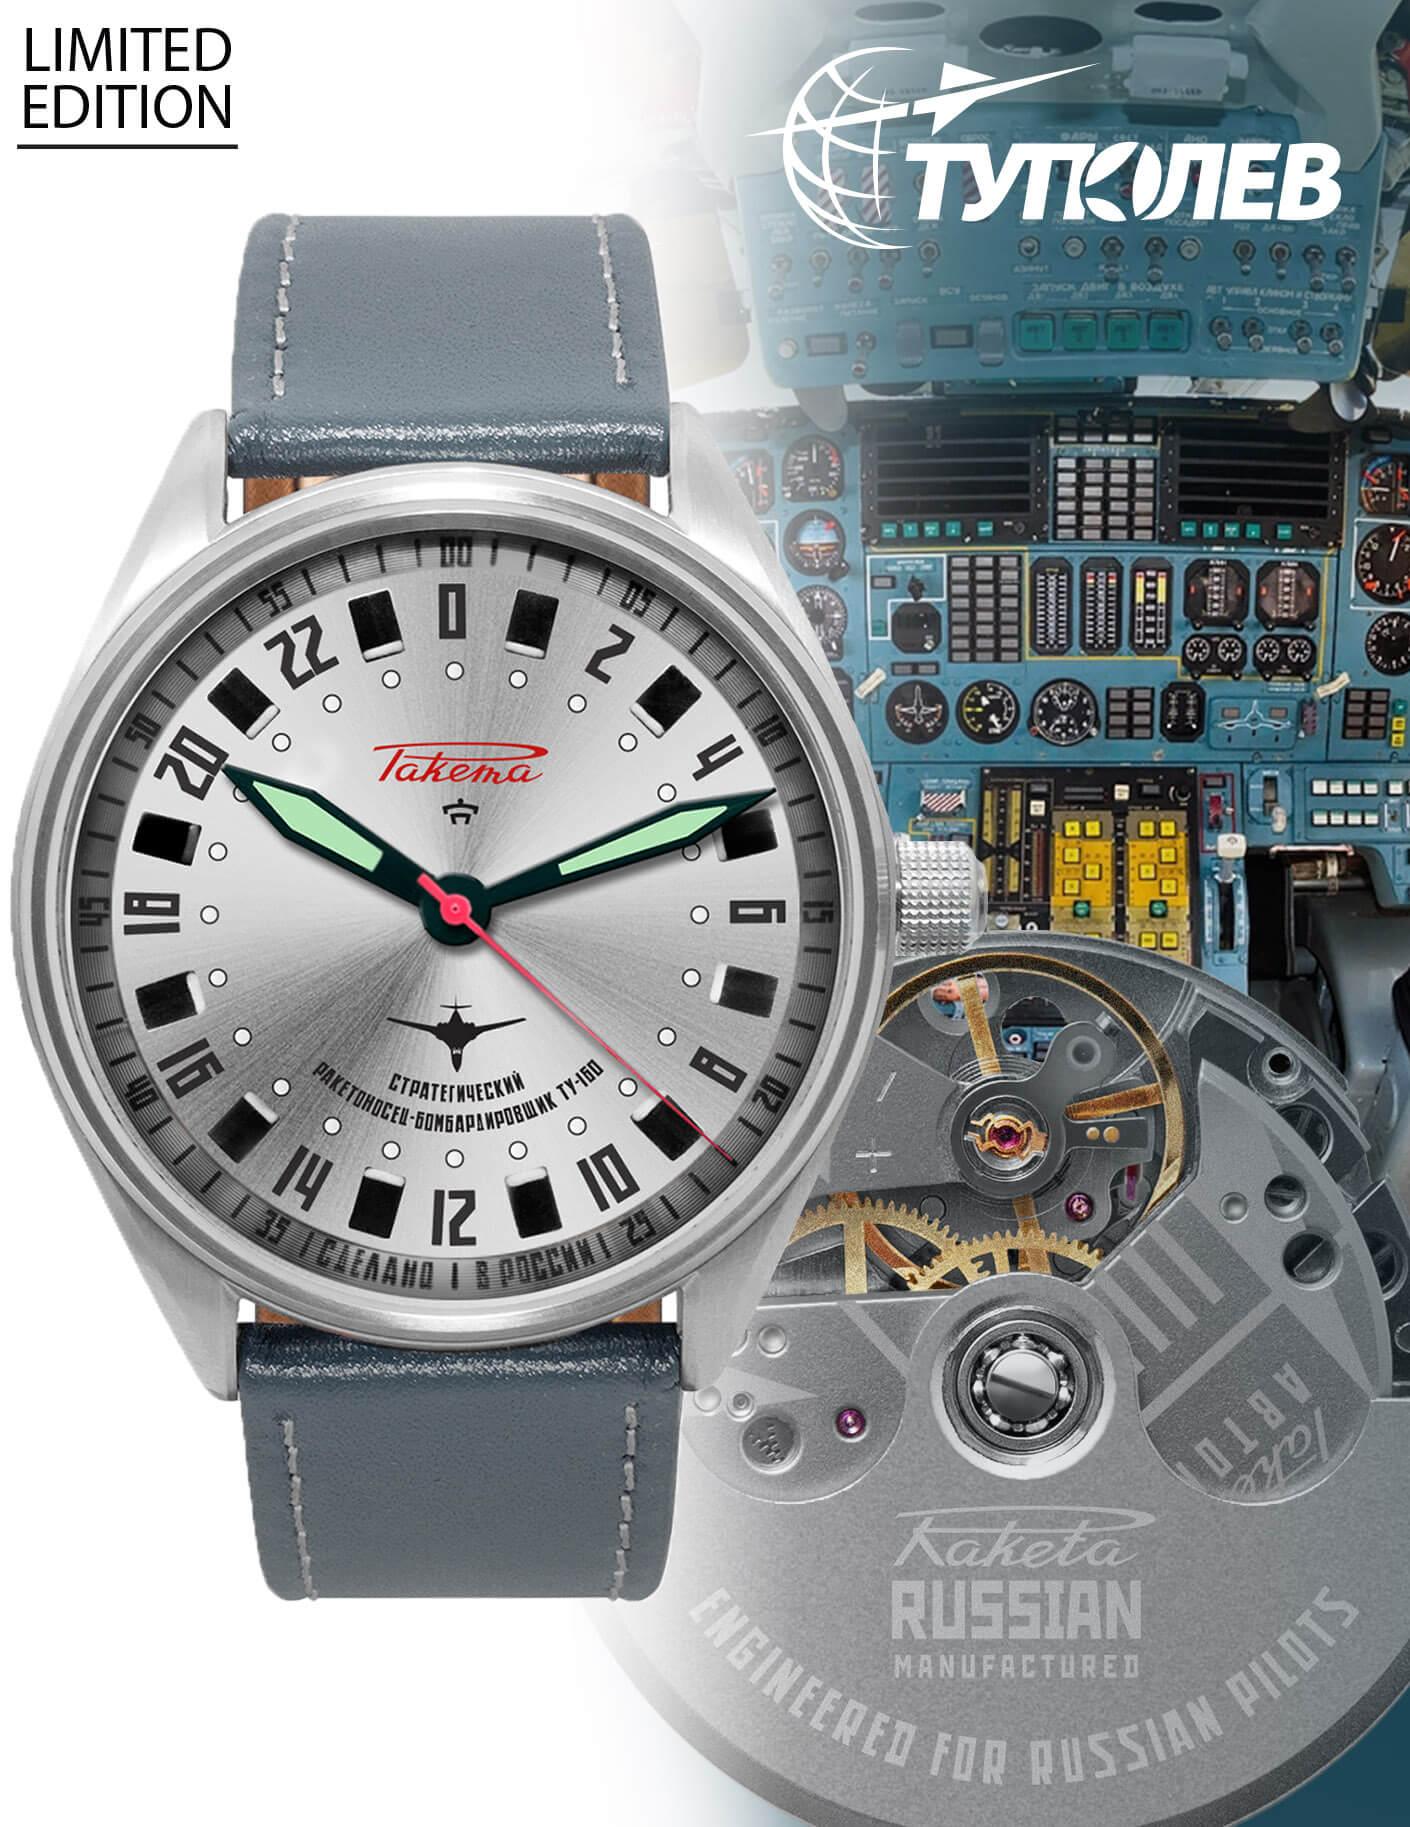 Стоимость ракета механические часы на москве час такси стоимость в